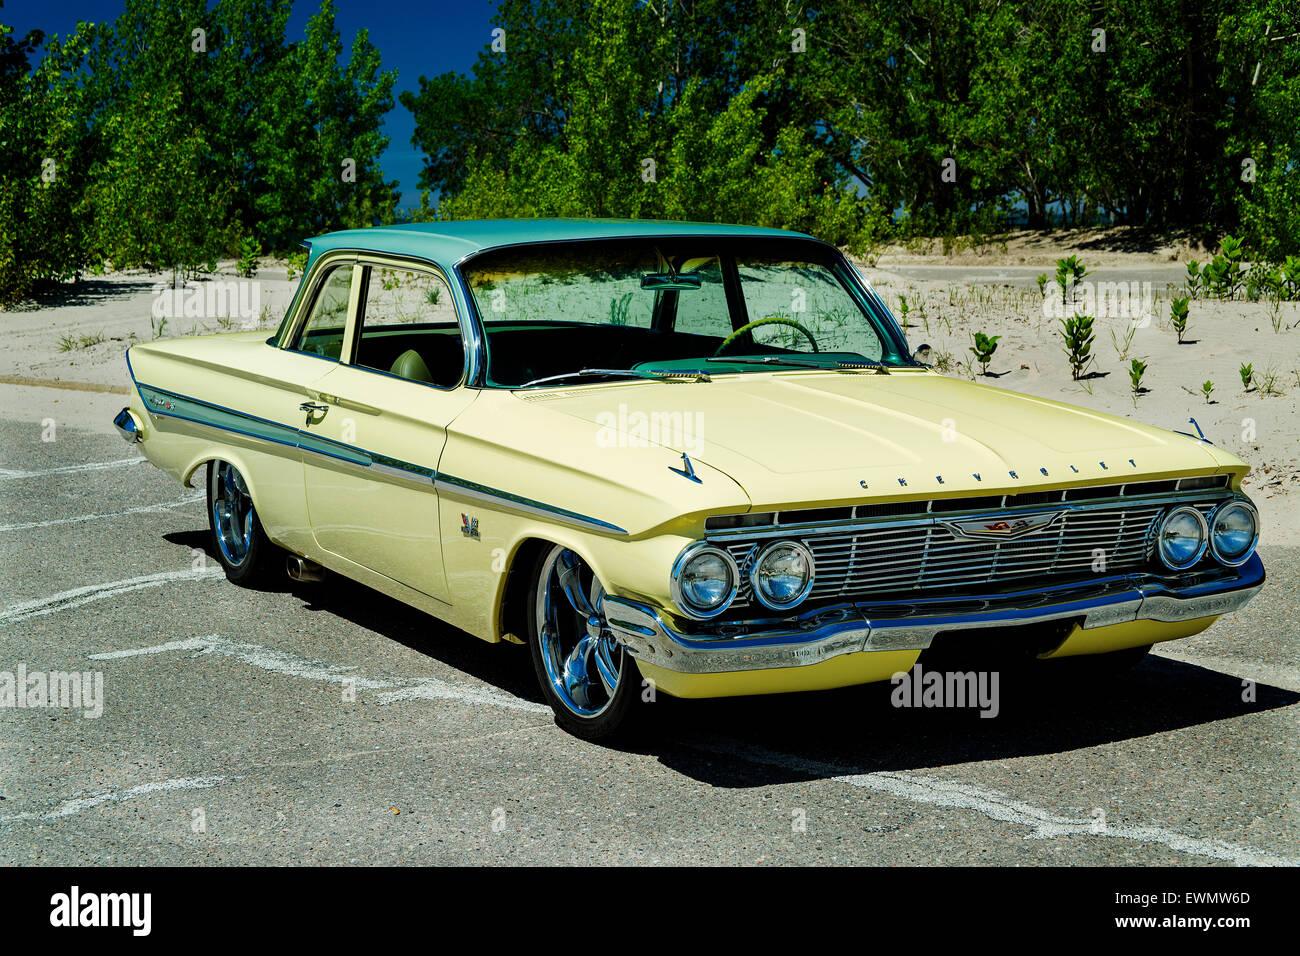 Kelebihan Chevrolet Impala 1961 Tangguh